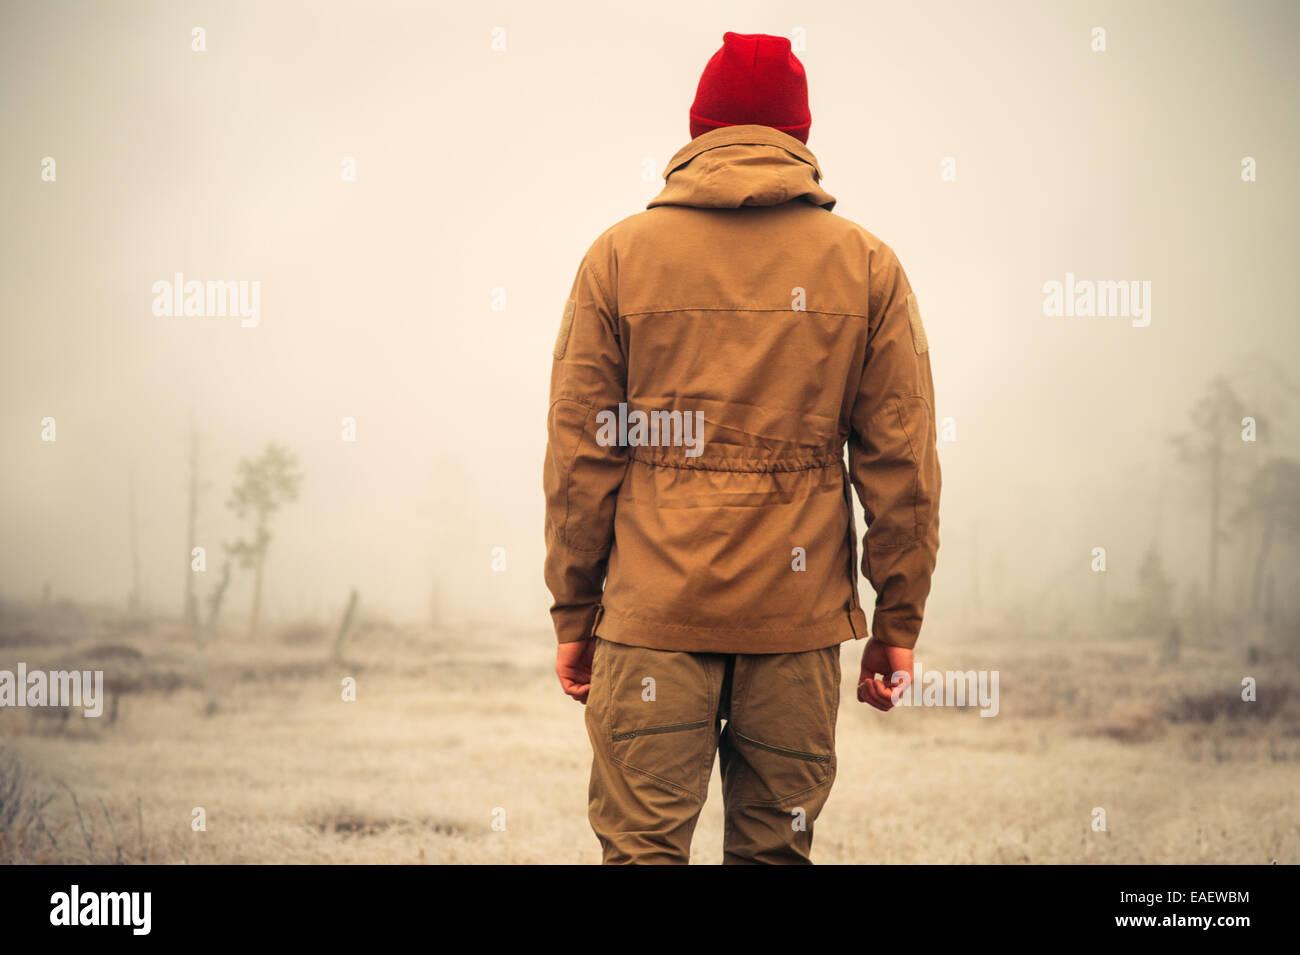 Jeune homme seul) piscine en plein air avec la nature scandinave brumeux sur le contexte de vie de voyage et d'émotions Banque D'Images